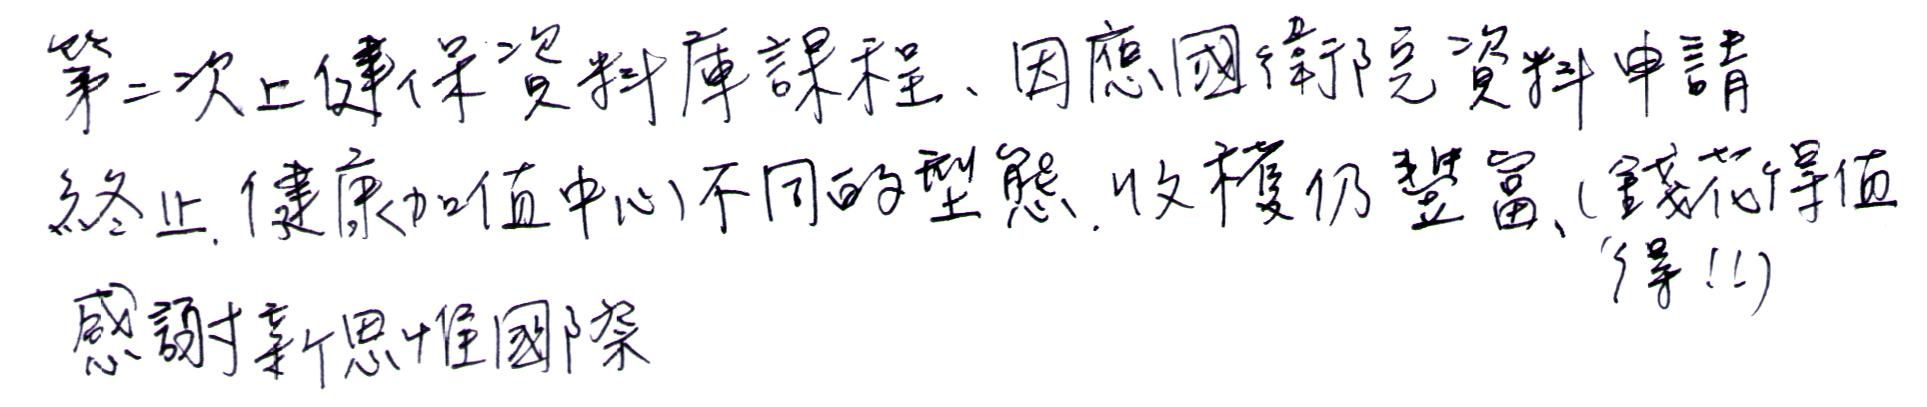 01_20160327_feedback